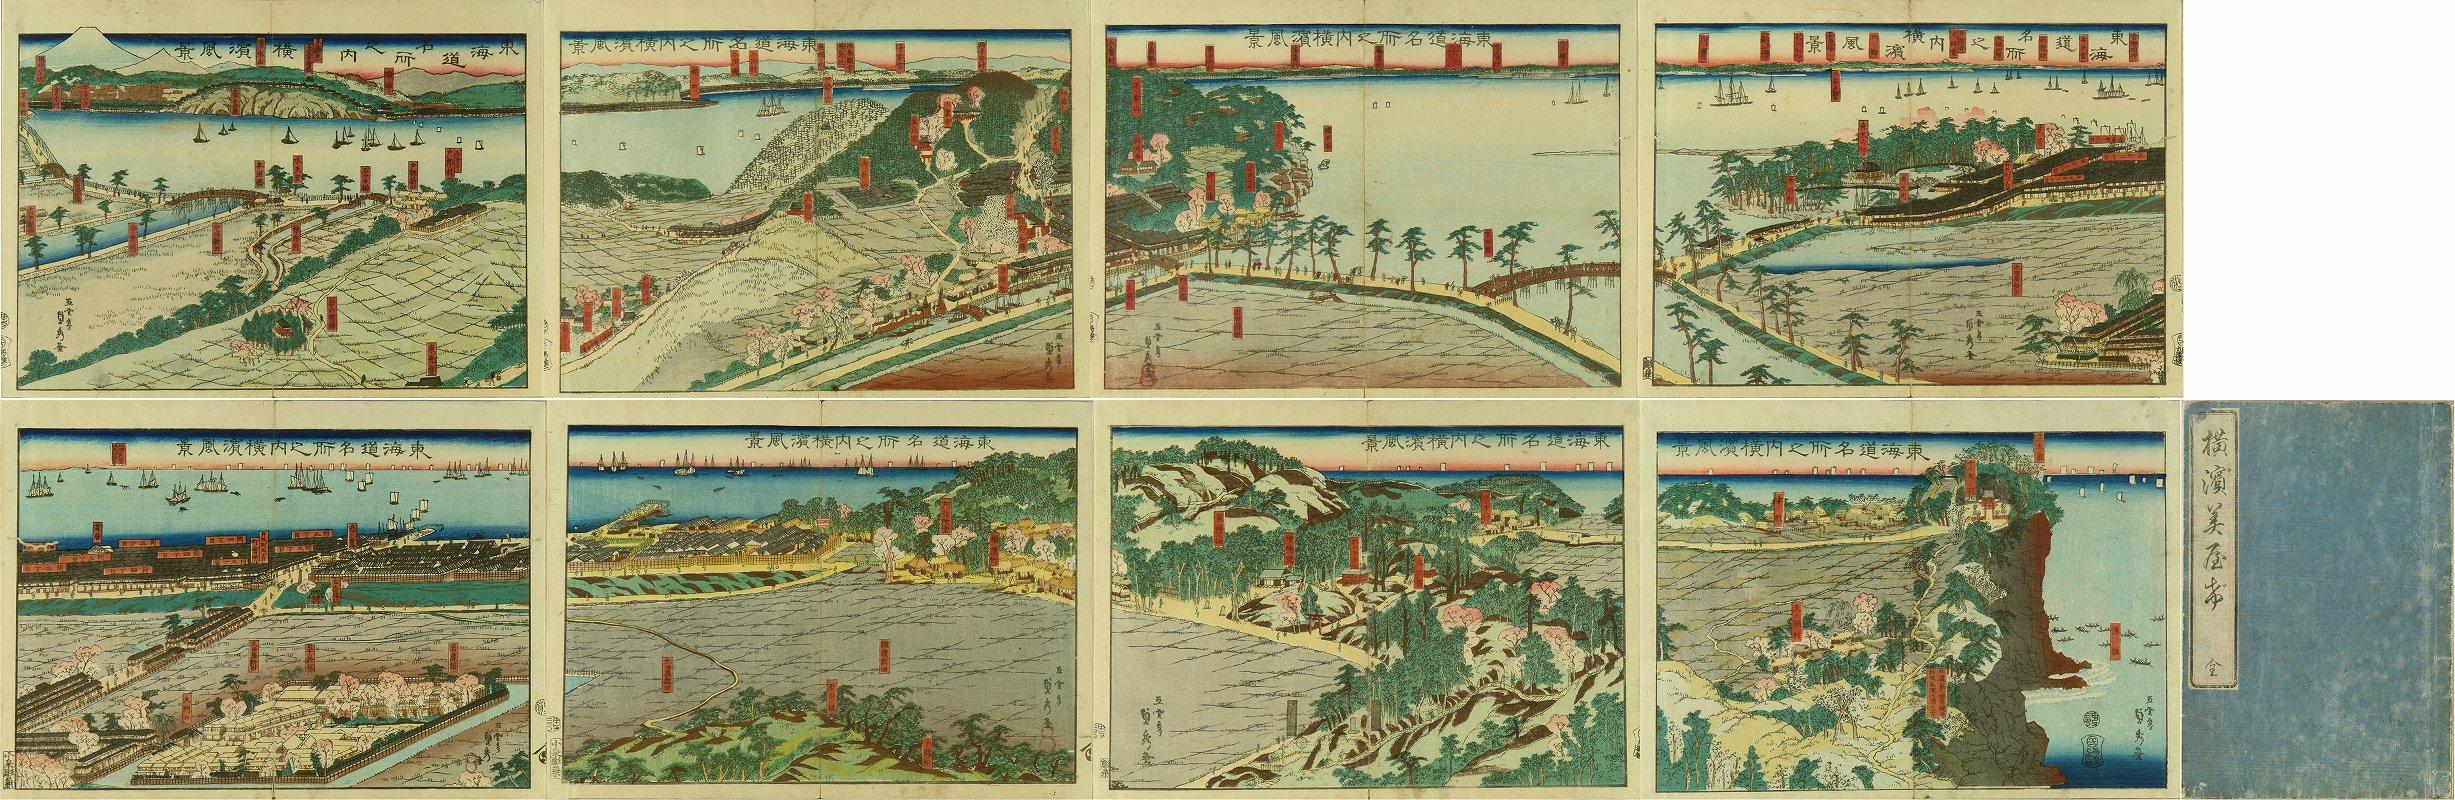 貞秀 東海道名所之内 横浜風景